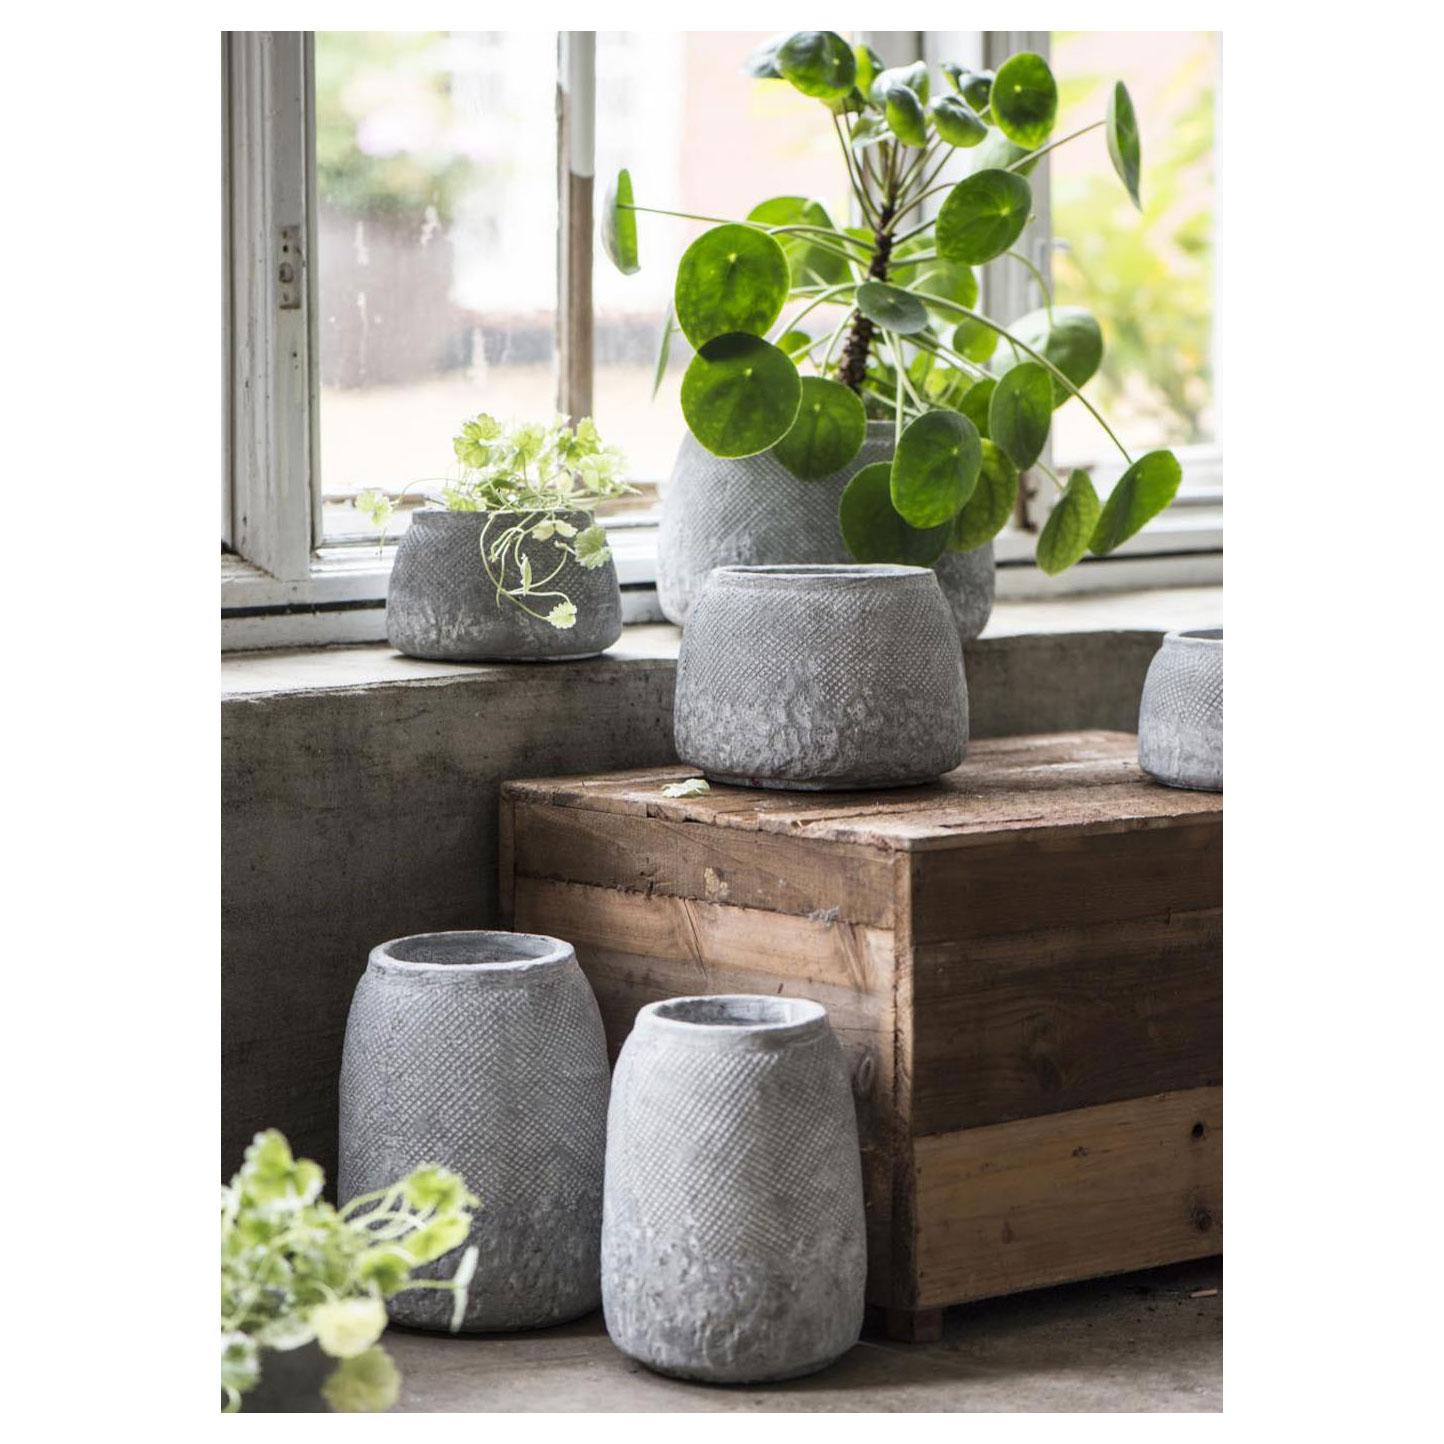 Top Ib Laursen Plantenpot Hanoi Beton Grijs, 13,5cm online kopen GL13